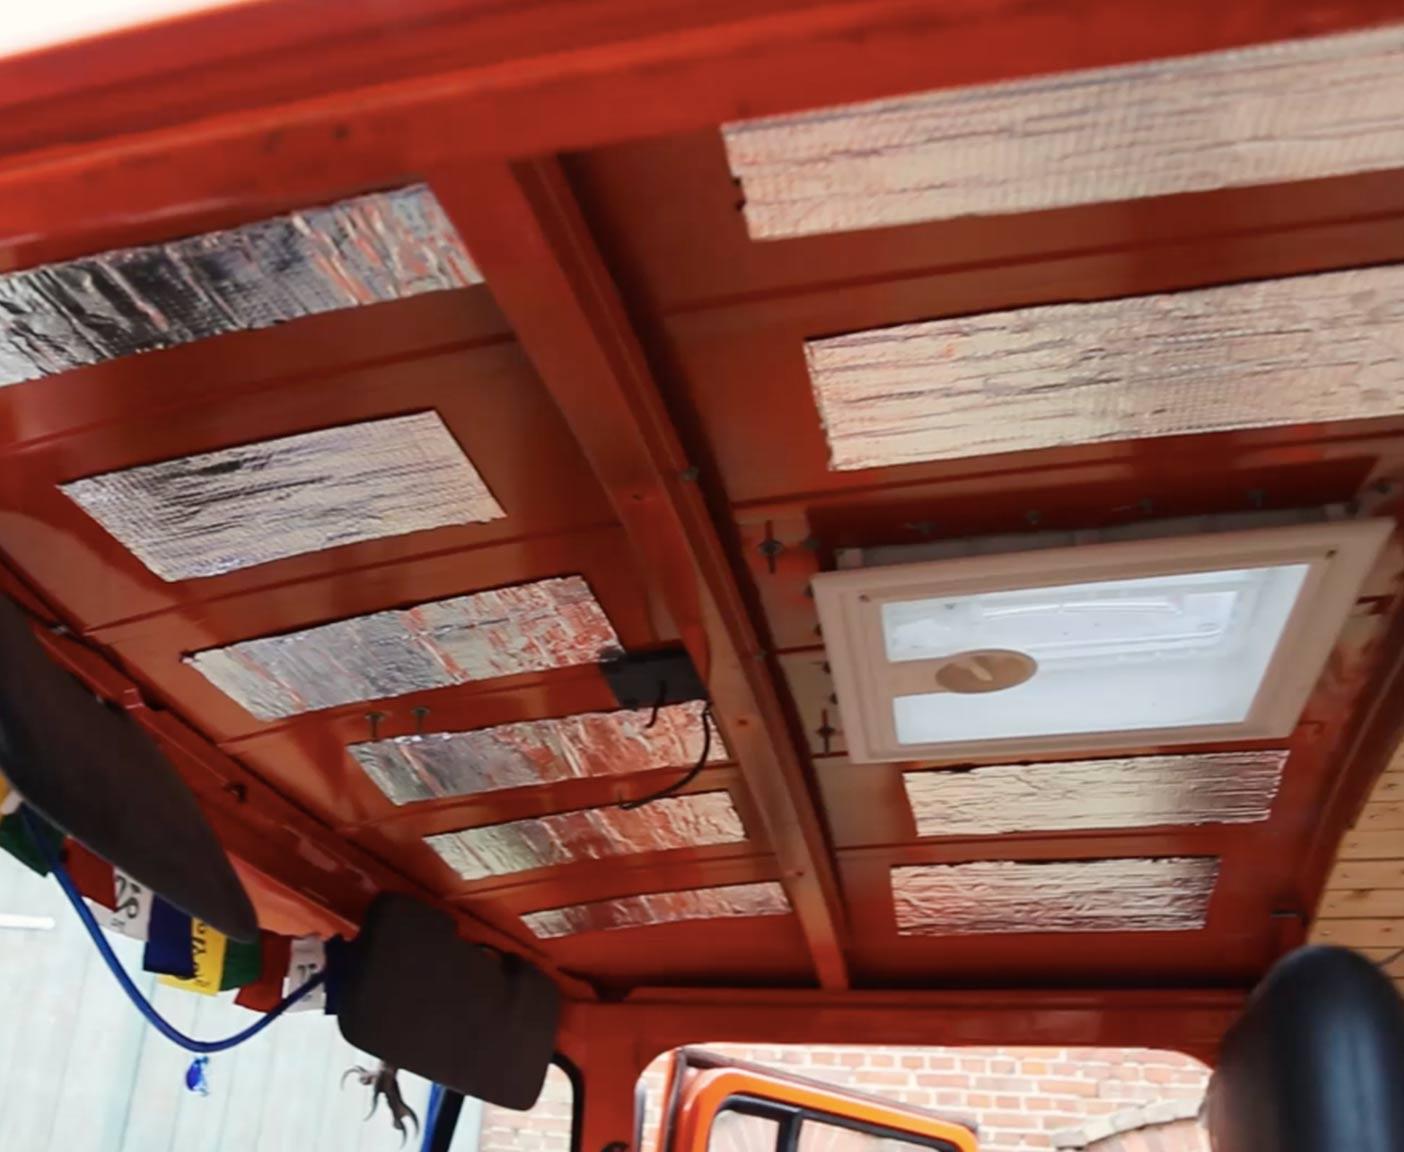 daemmung-isolierung-wohnmobil-armaflex-fahrerhaus-selbstklebend-alubutyl-daemmmaterial-kastenwagen-bus-isolieren-anleitung-1